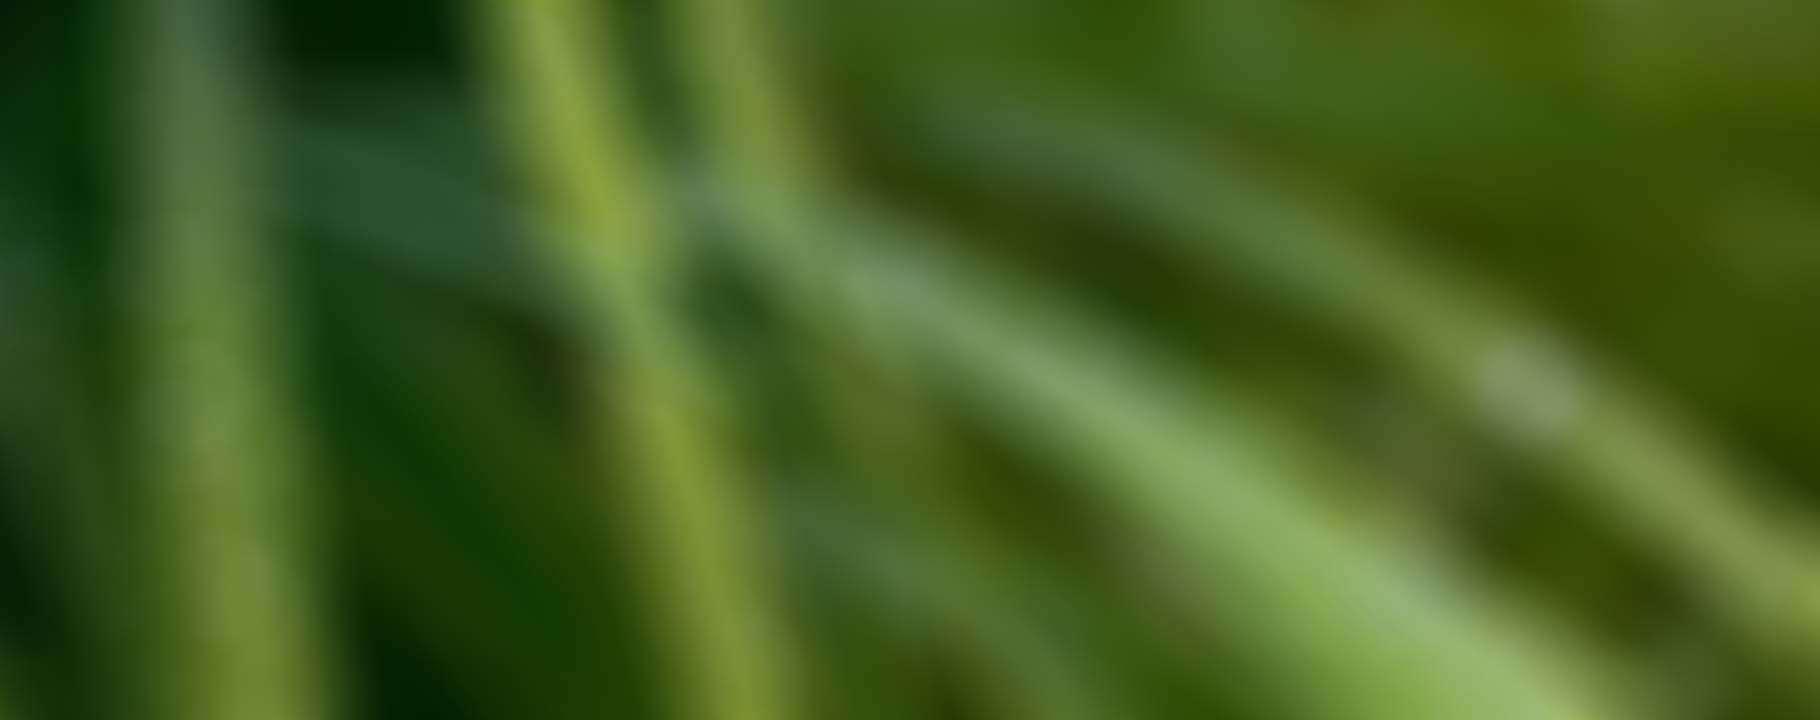 bg_test_02_grass